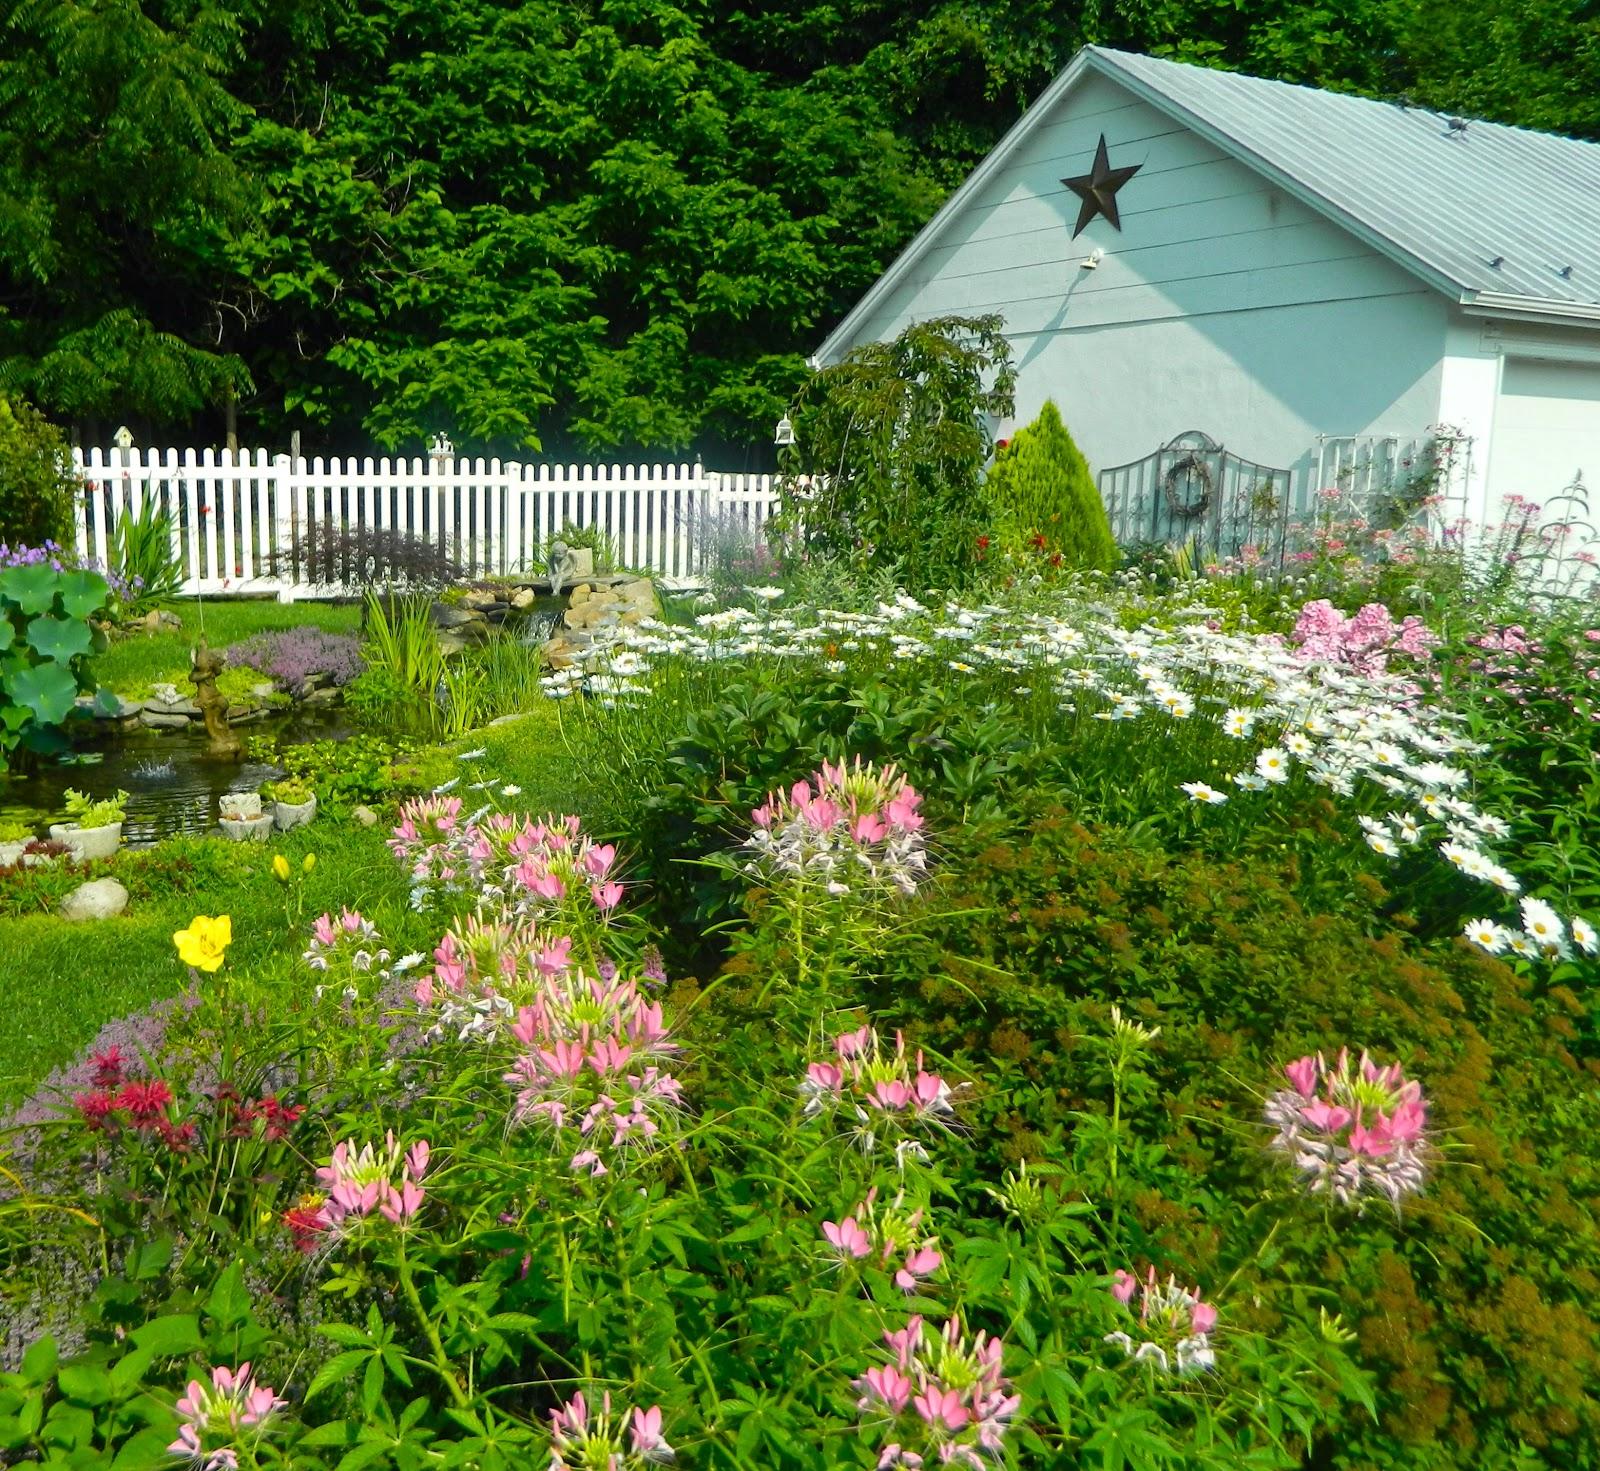 Garden Cottage: Pam's English Cottage Garden: My Garden Year In Review